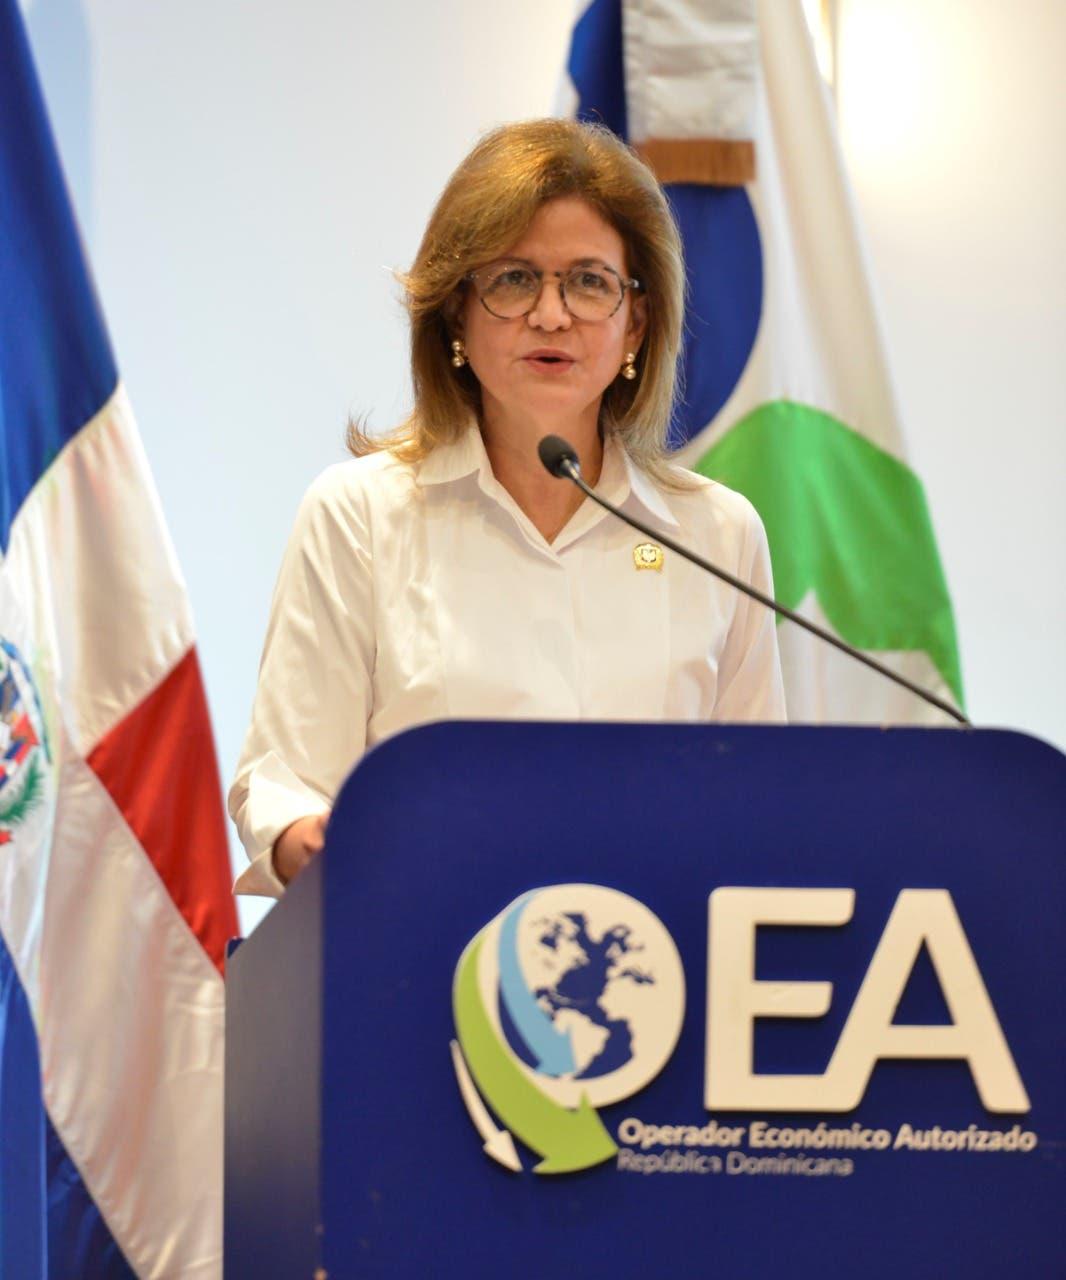 Más de 80 empresas recibieron certificación OEA-S y OEA de la DGA